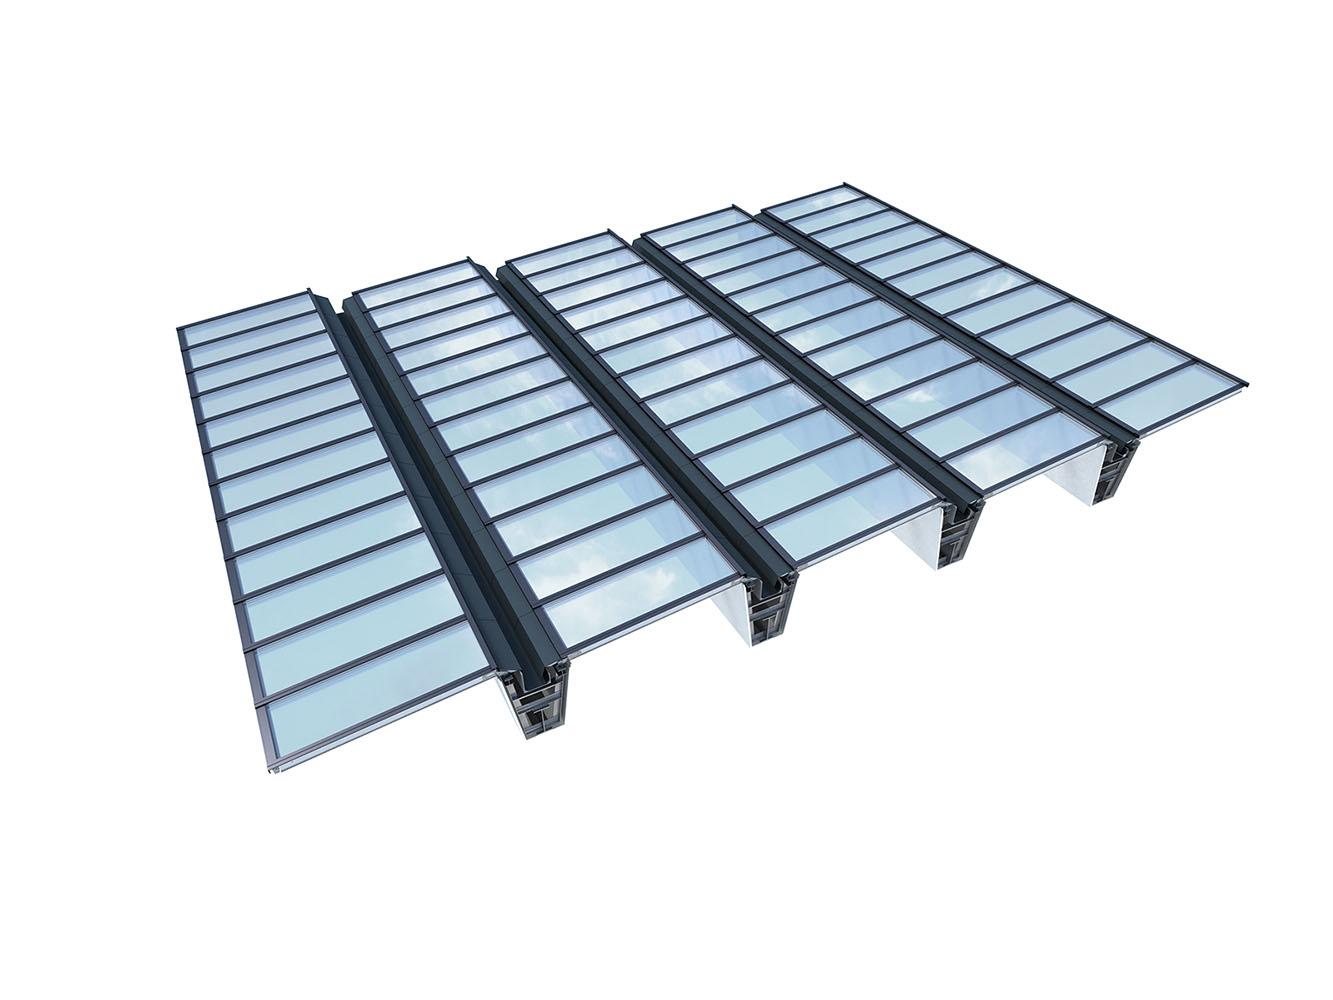 重慶重慶電動天窗威盧克斯VMSVMS模塊化智能天窗系統設計|圖片|價格|廠家|公司